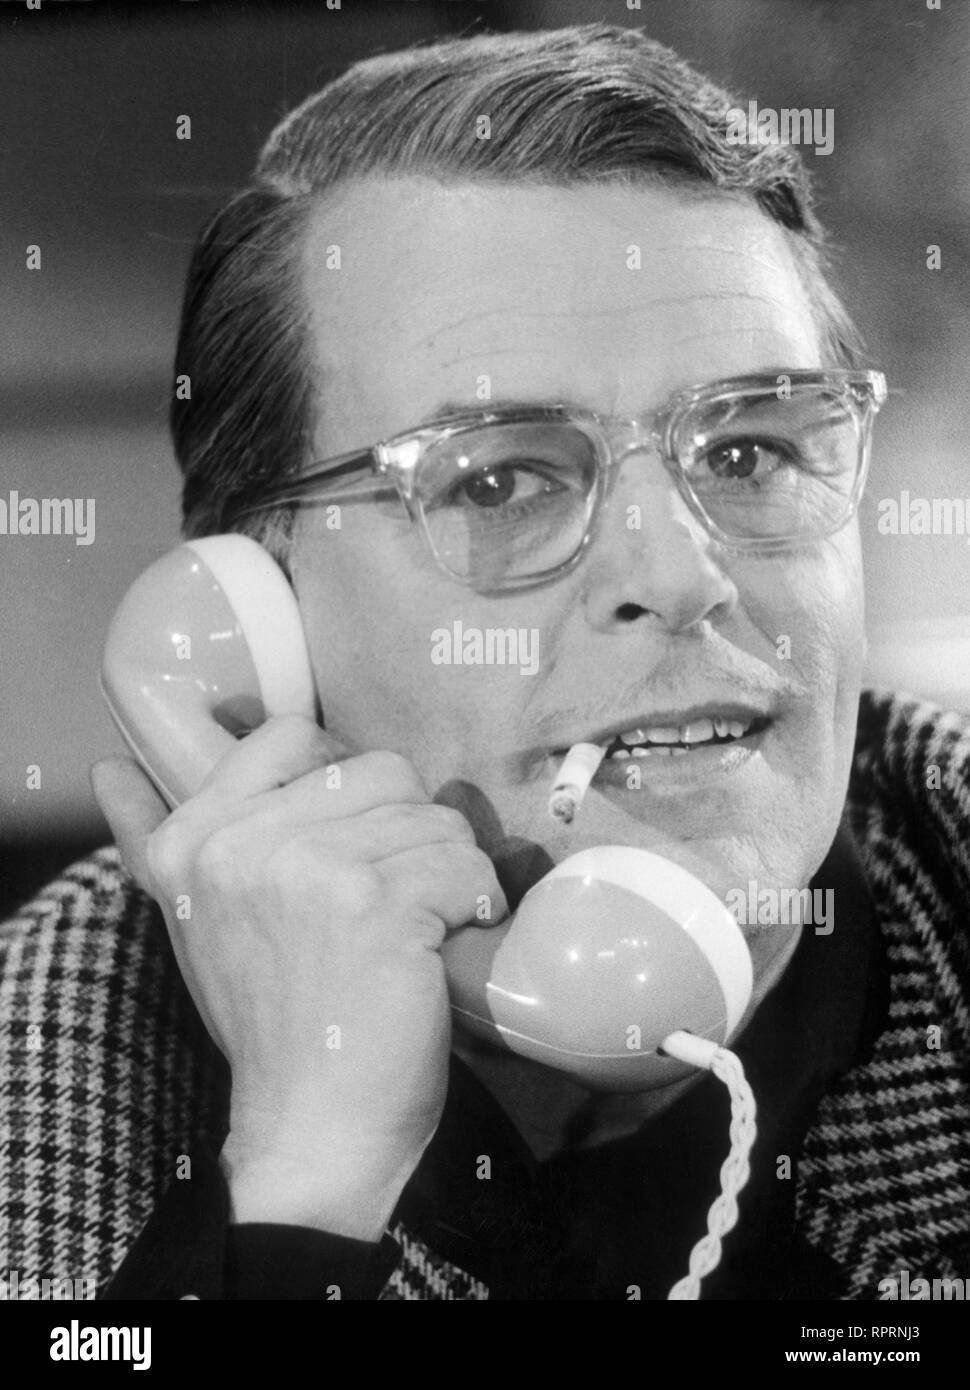 O. W. FISCHER, Portait aus den 60er Jahren. - Stock Image